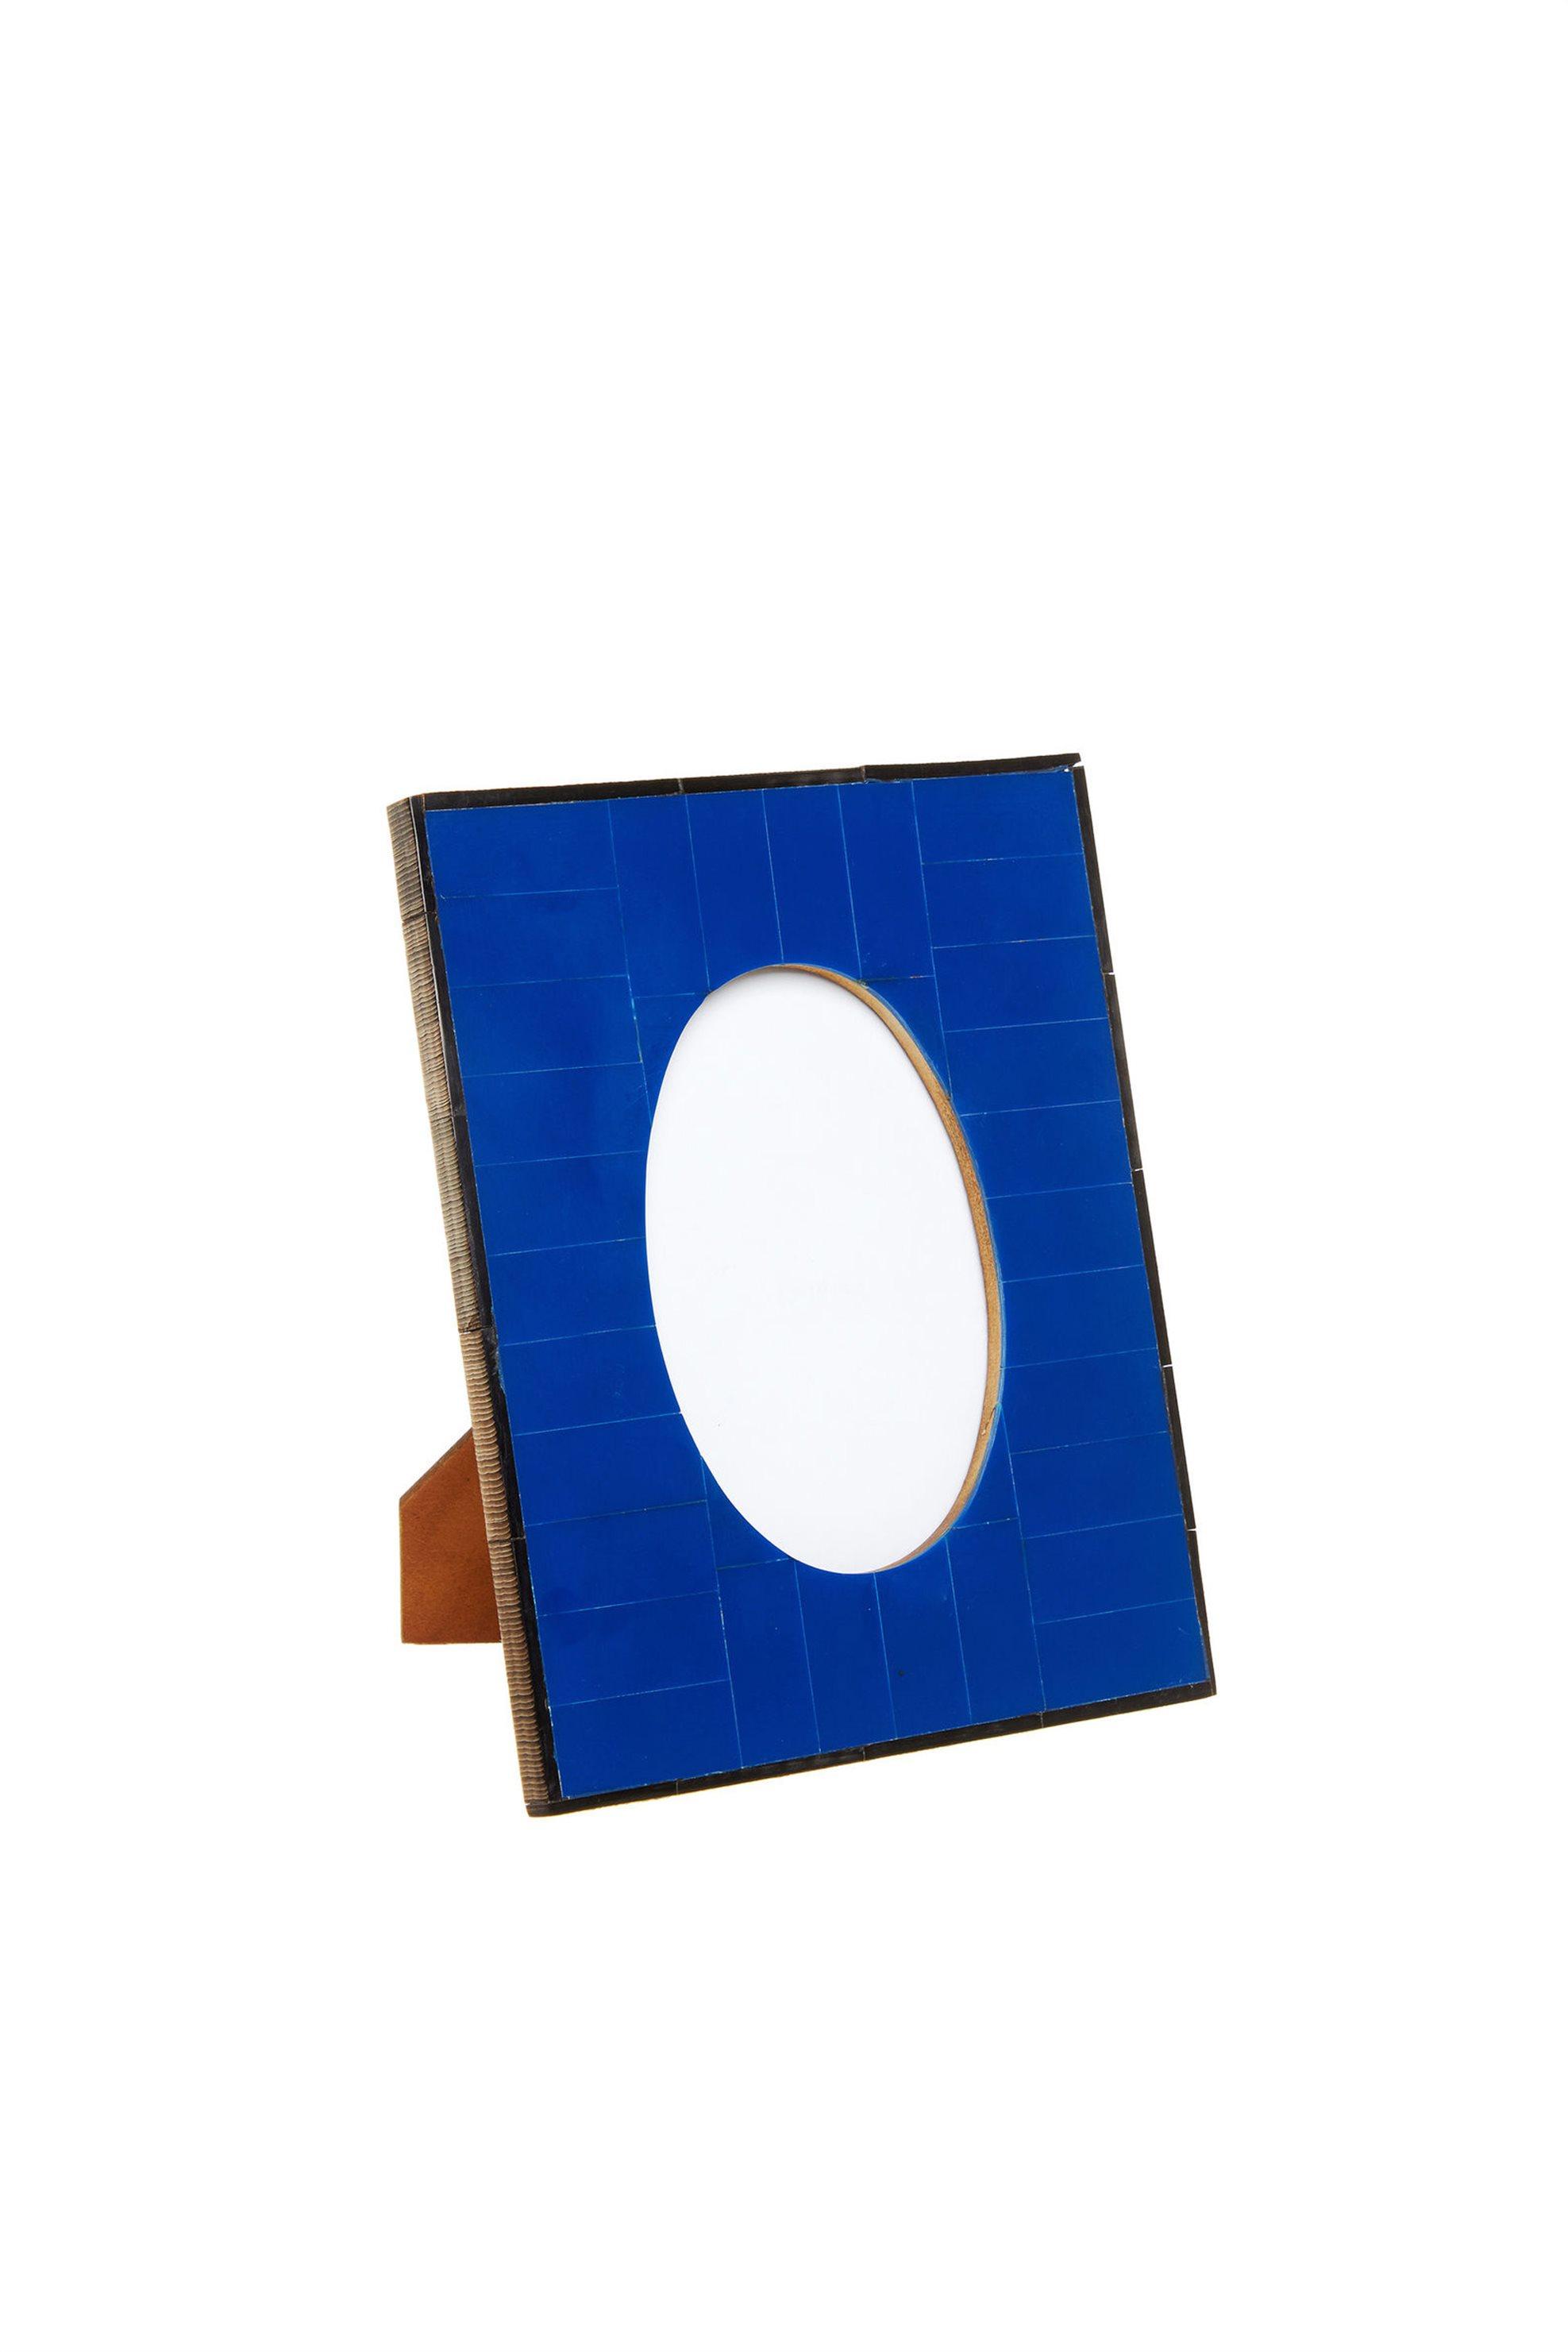 Κορνίζα με πλαίσιο από χρωματιστό κόκκαλο 15x10 Coincasa - 0...